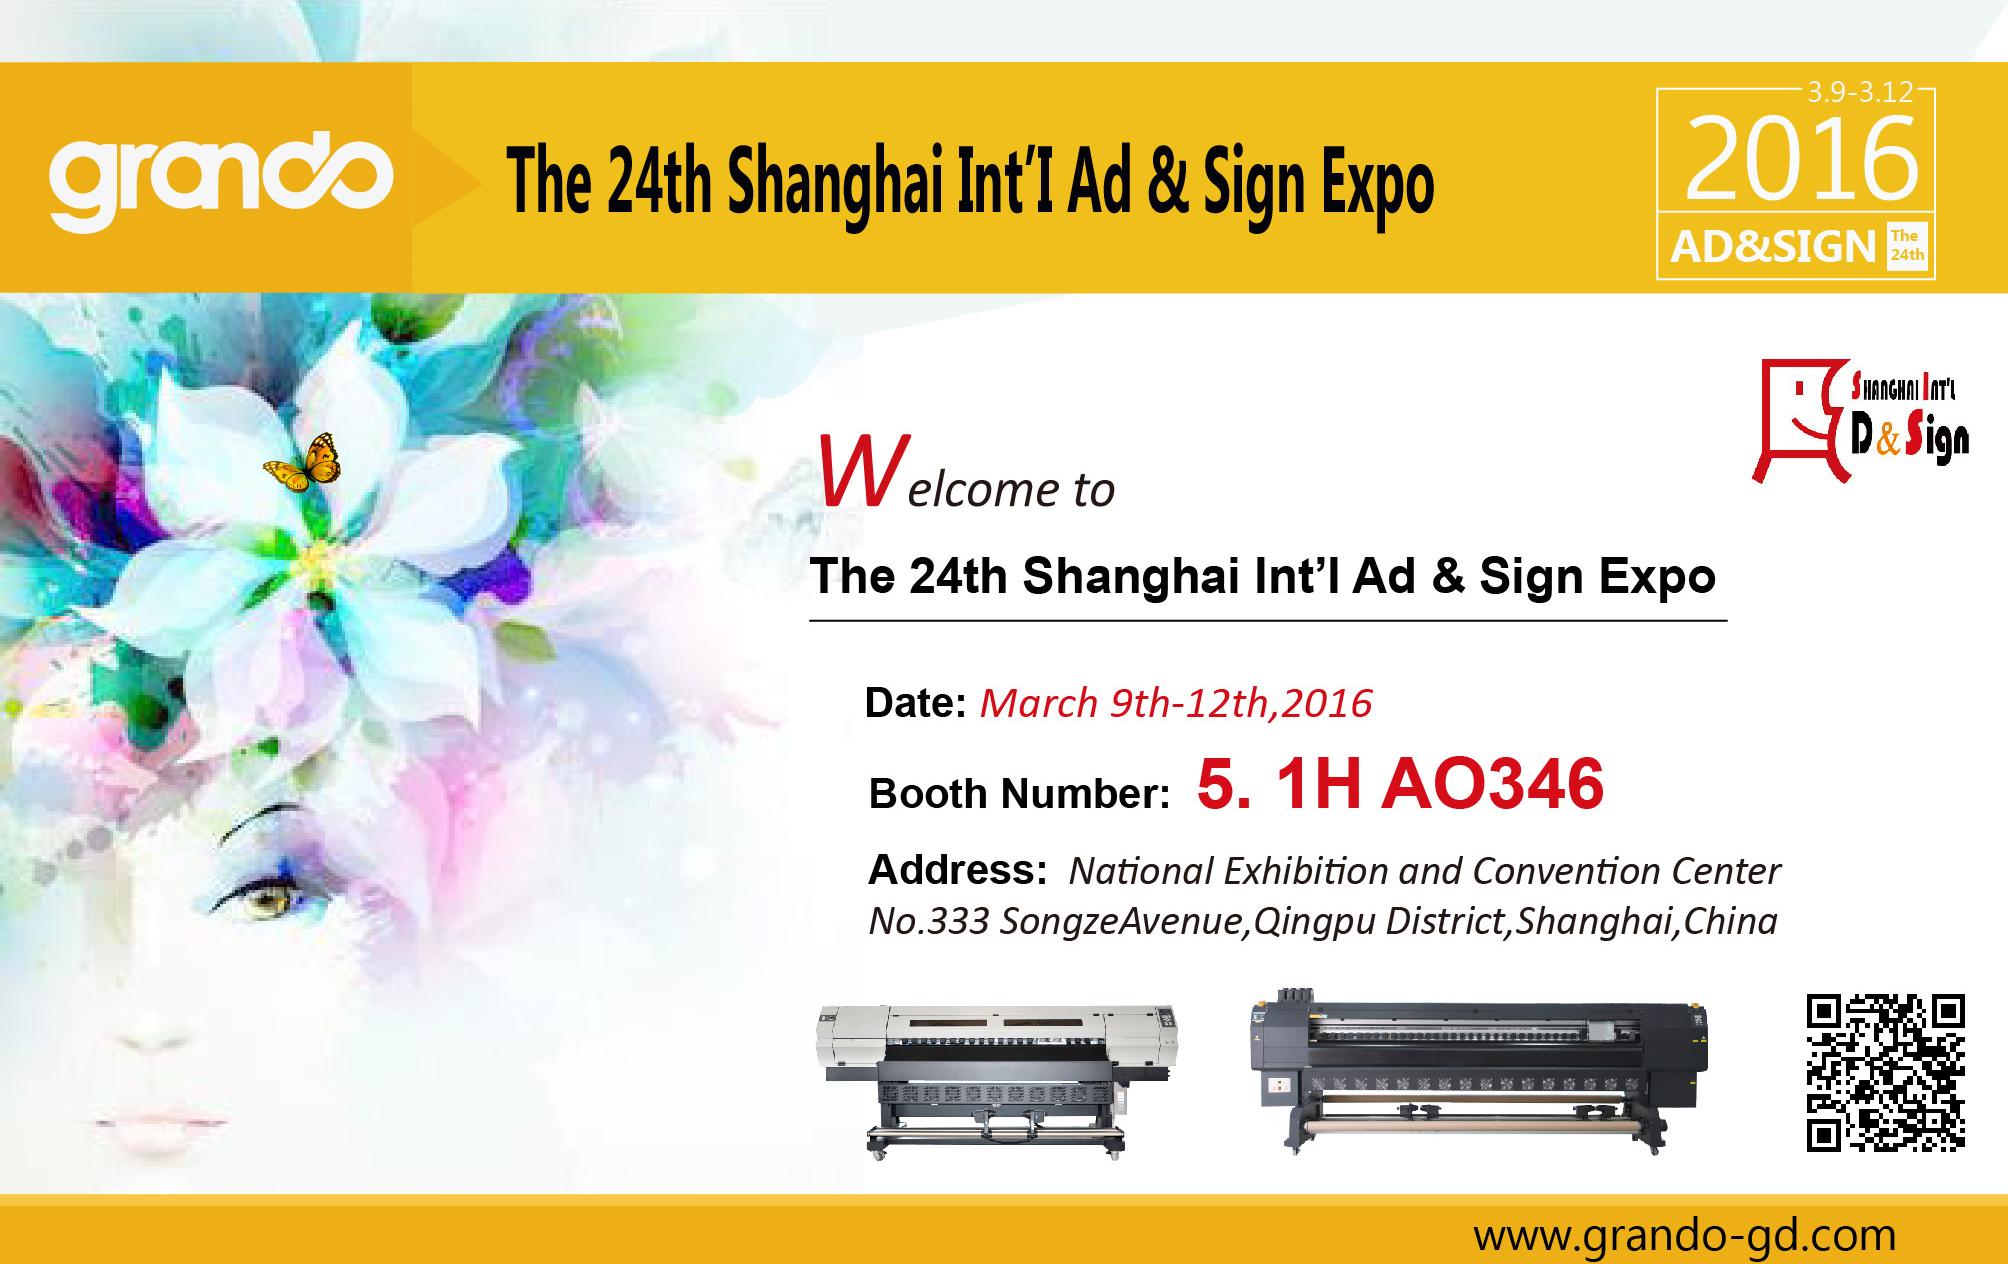 2016年3月 GRANDO 上海展会邀请函